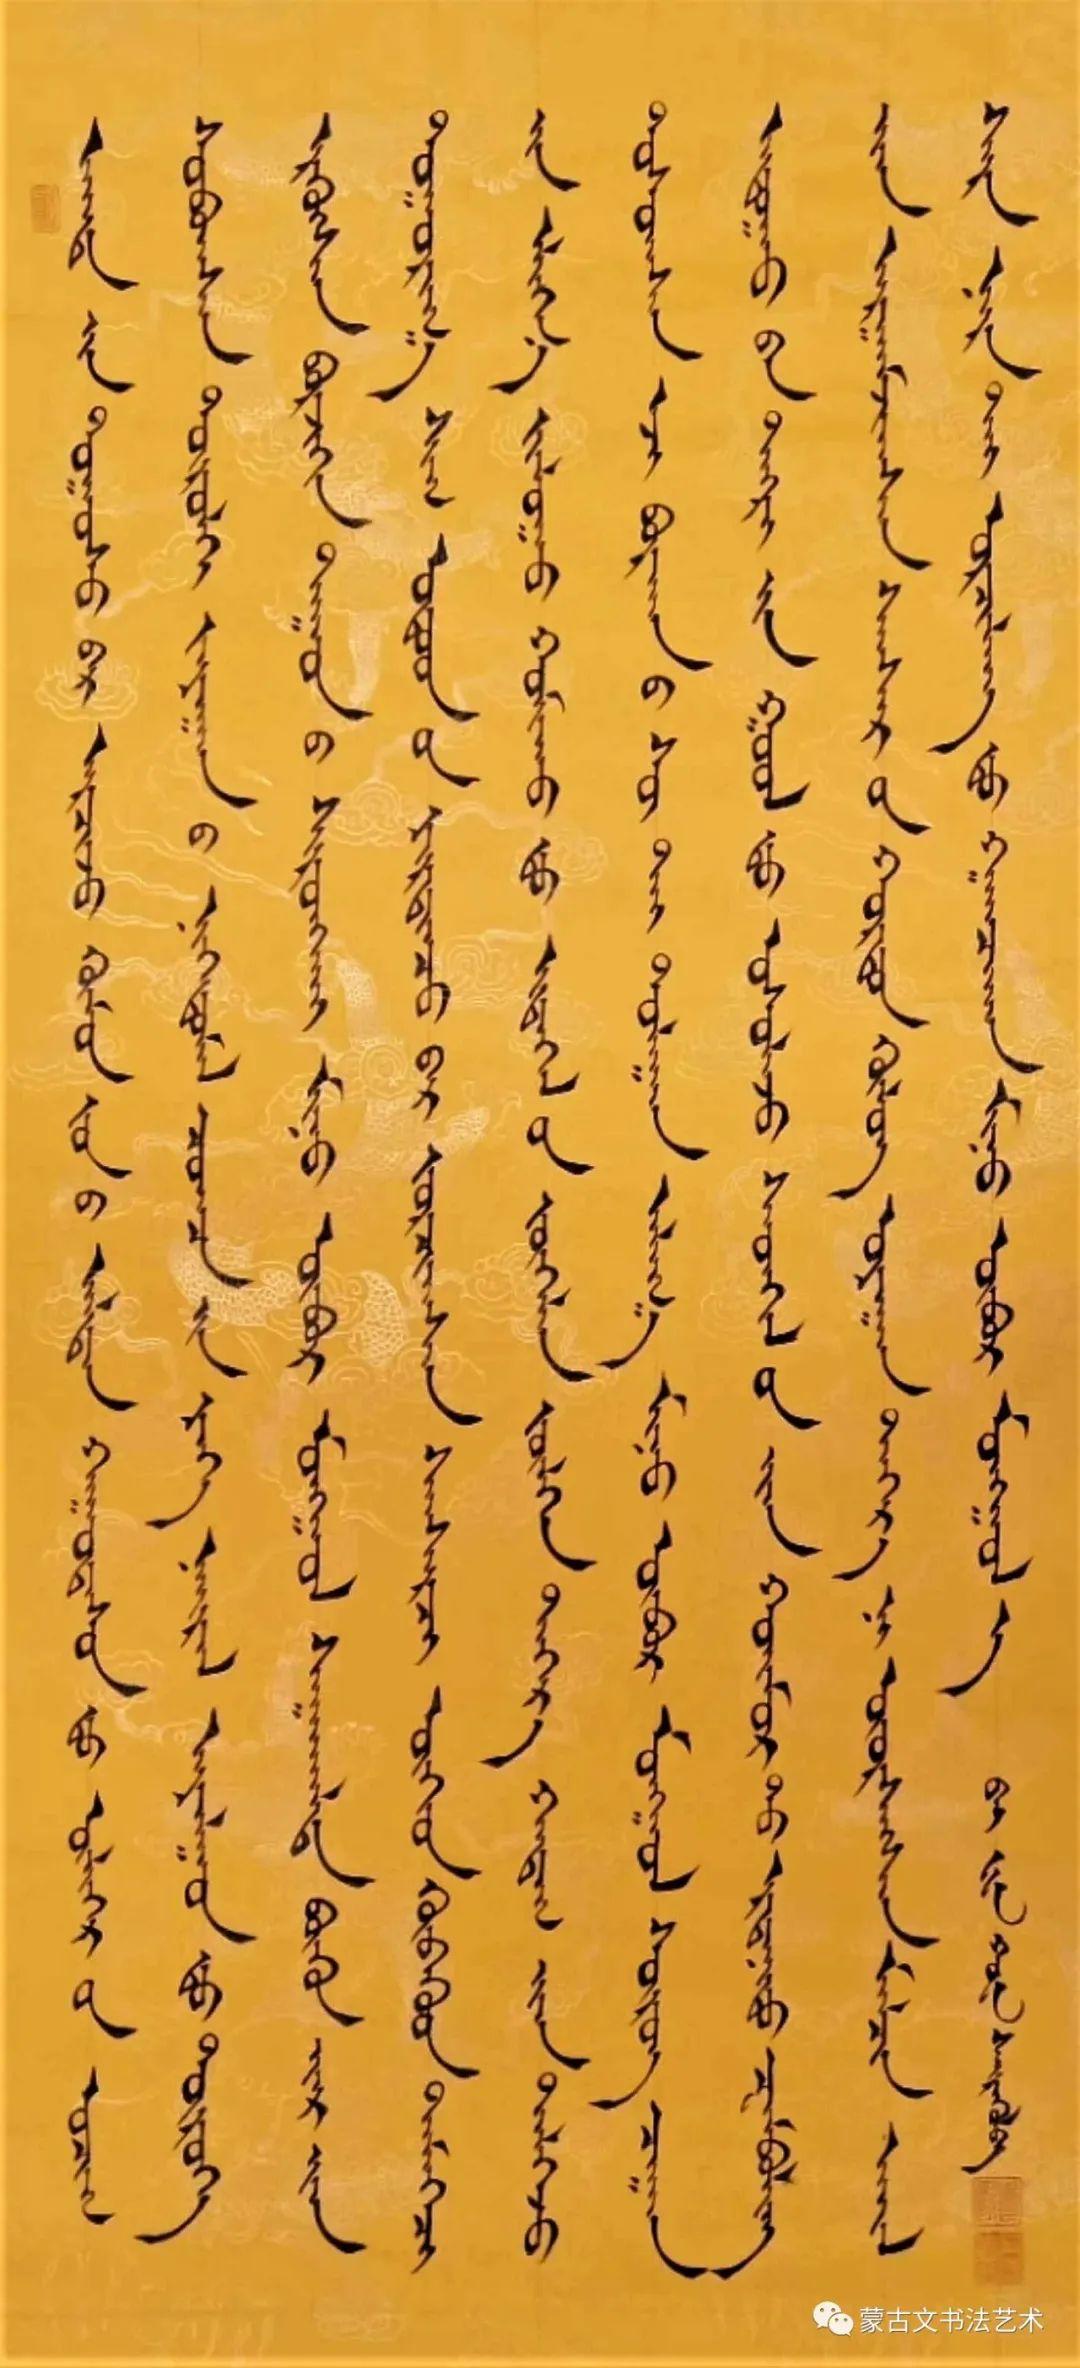 白苏雅蒙古文书法 第14张 白苏雅蒙古文书法 蒙古书法